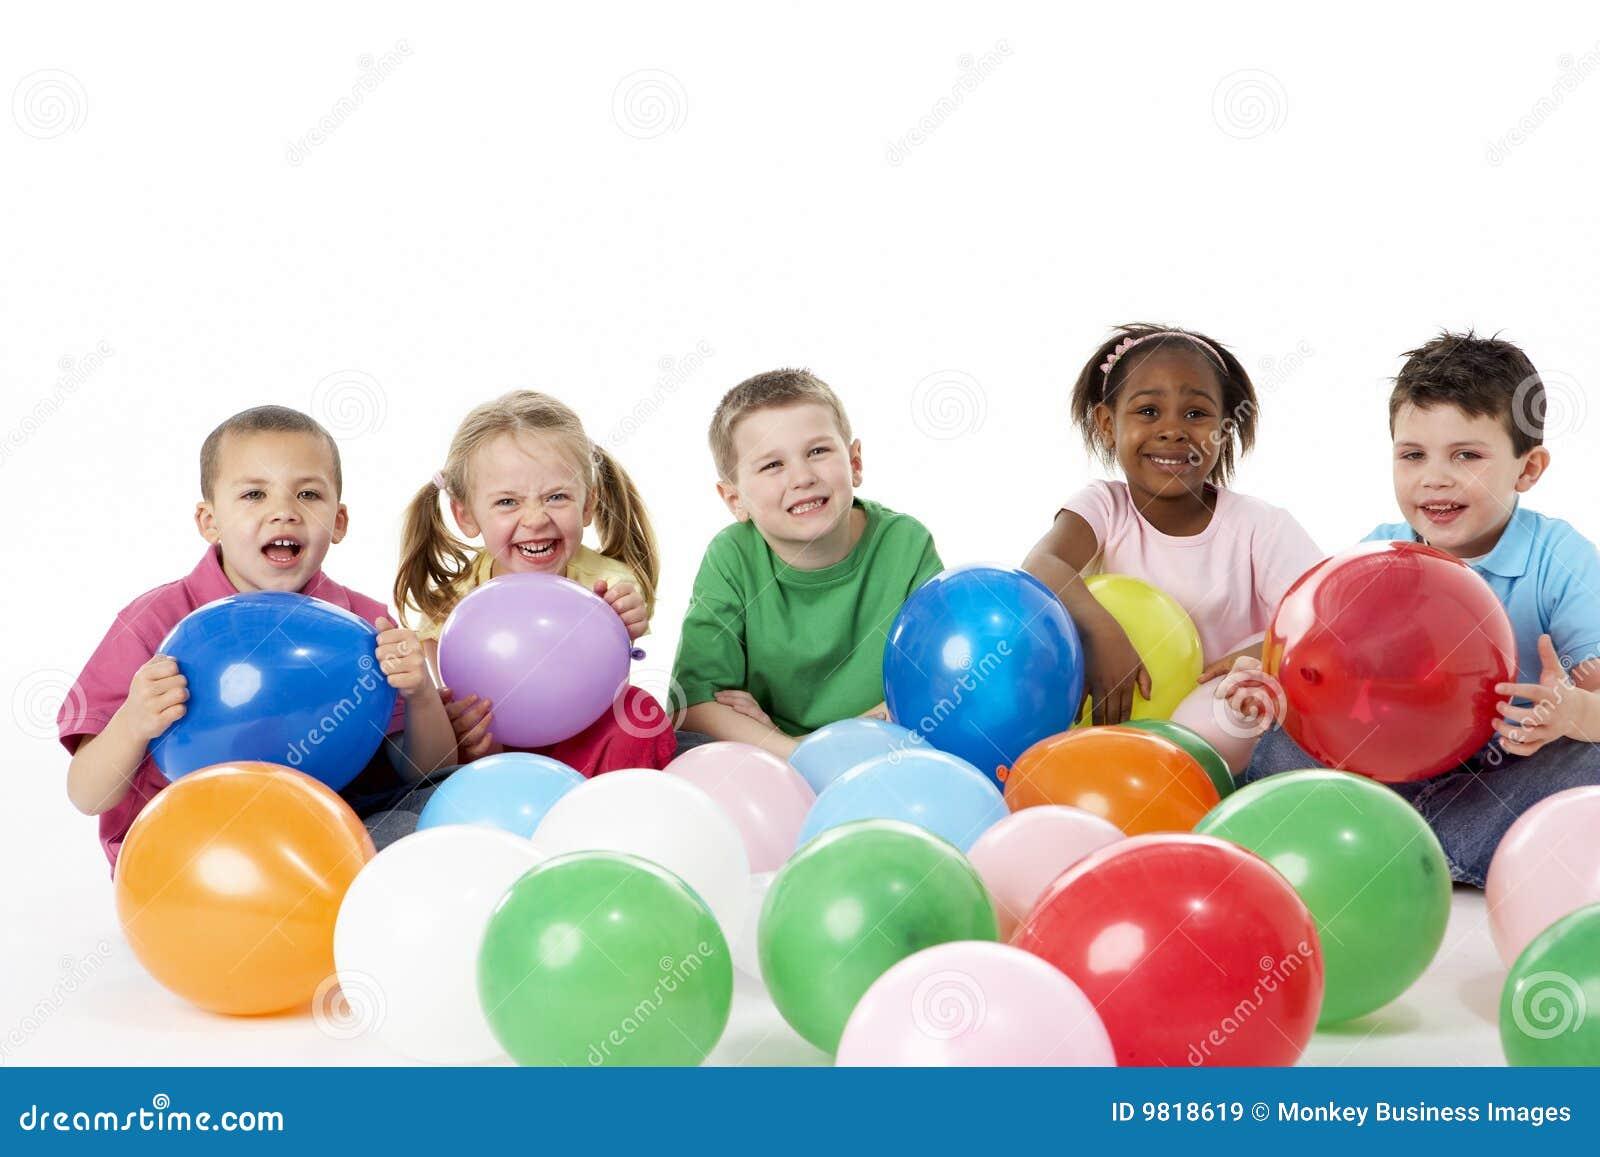 迅速增加儿童组工作室年轻人